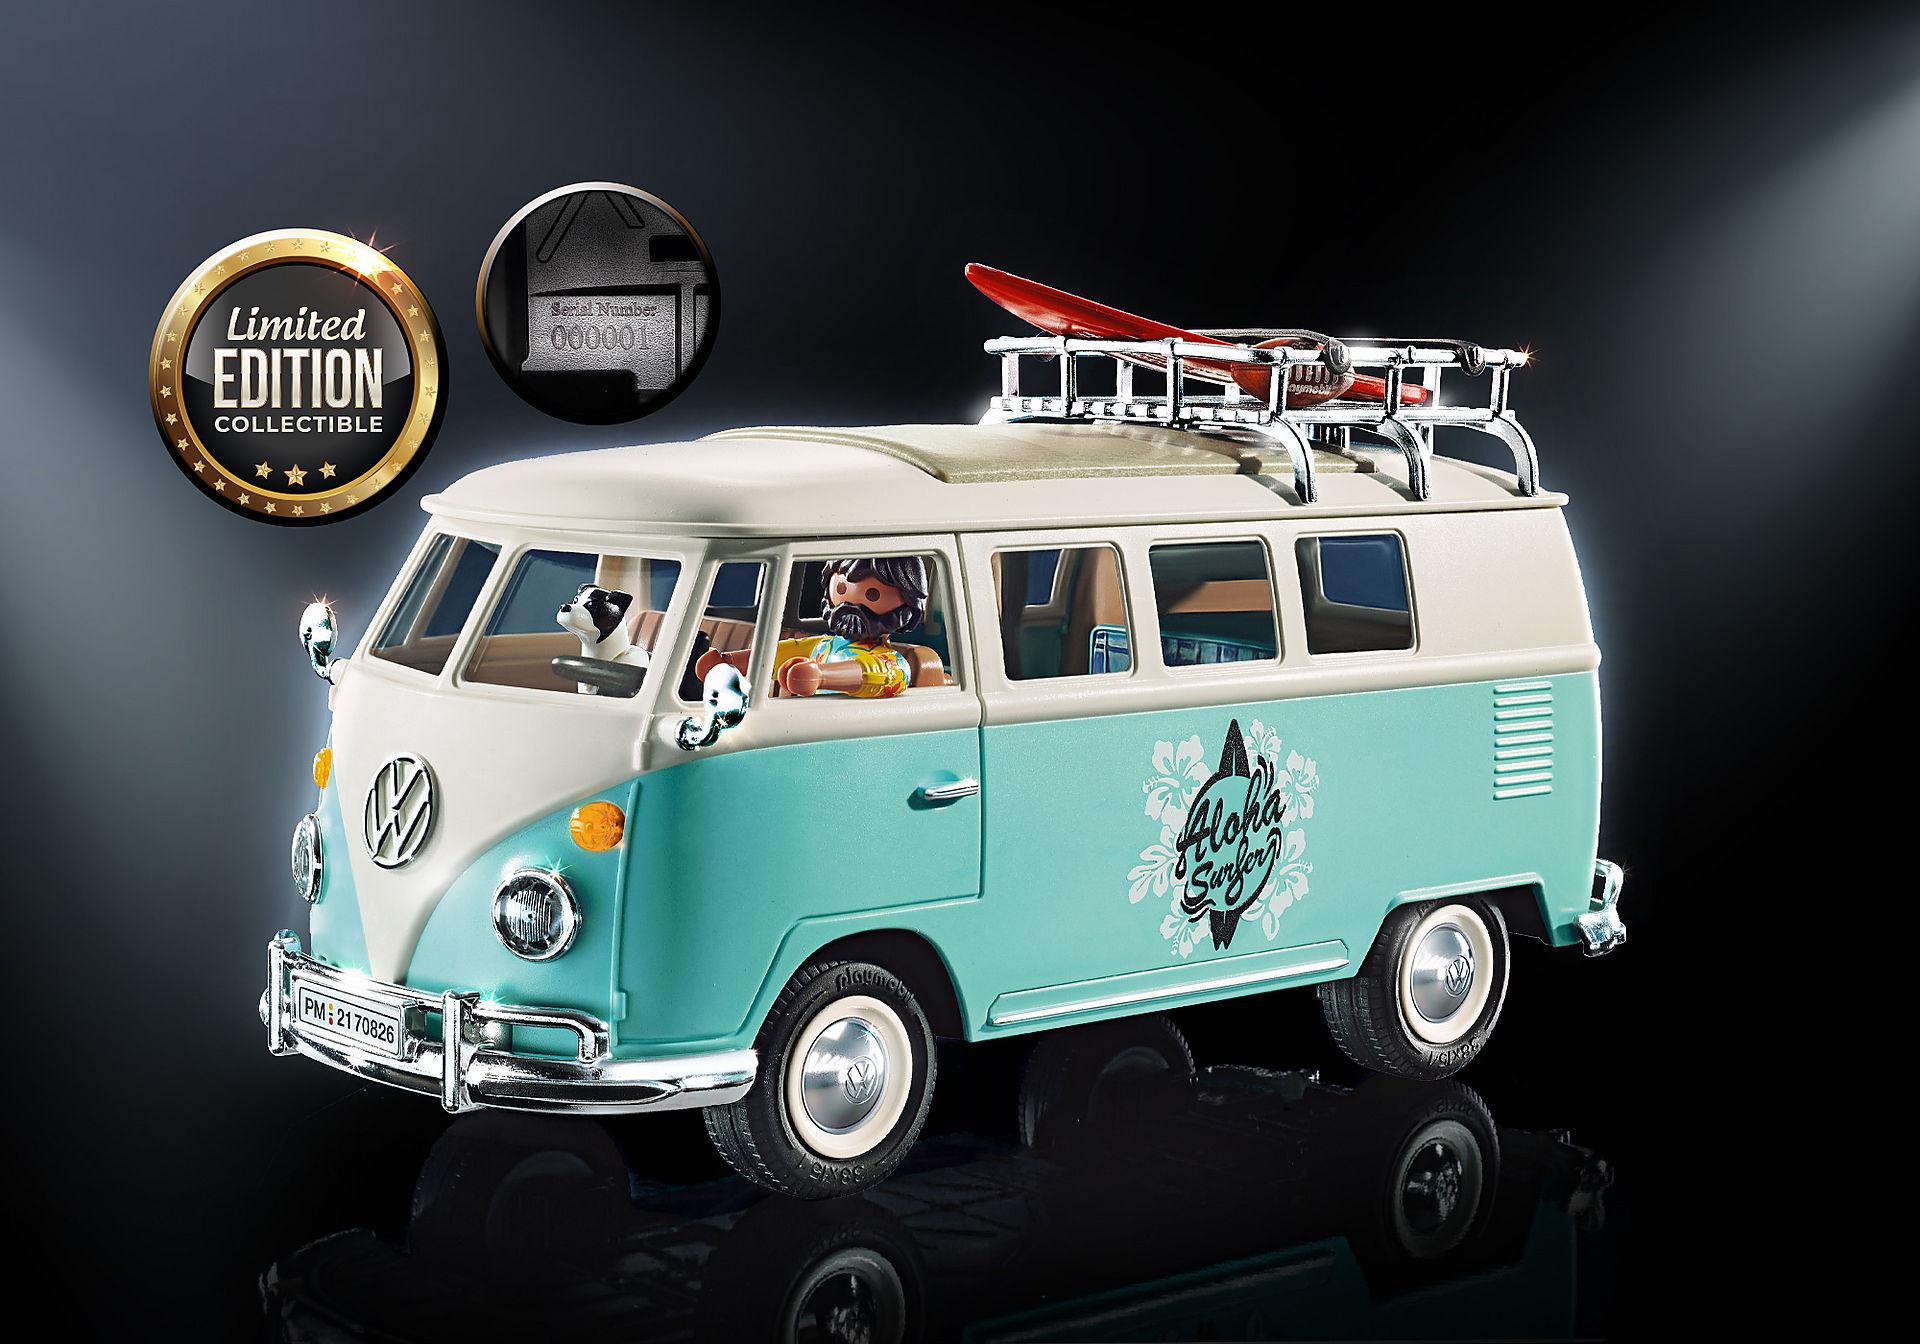 70826 Volkswagen T1 Combi - Edition spéciale zoom image1